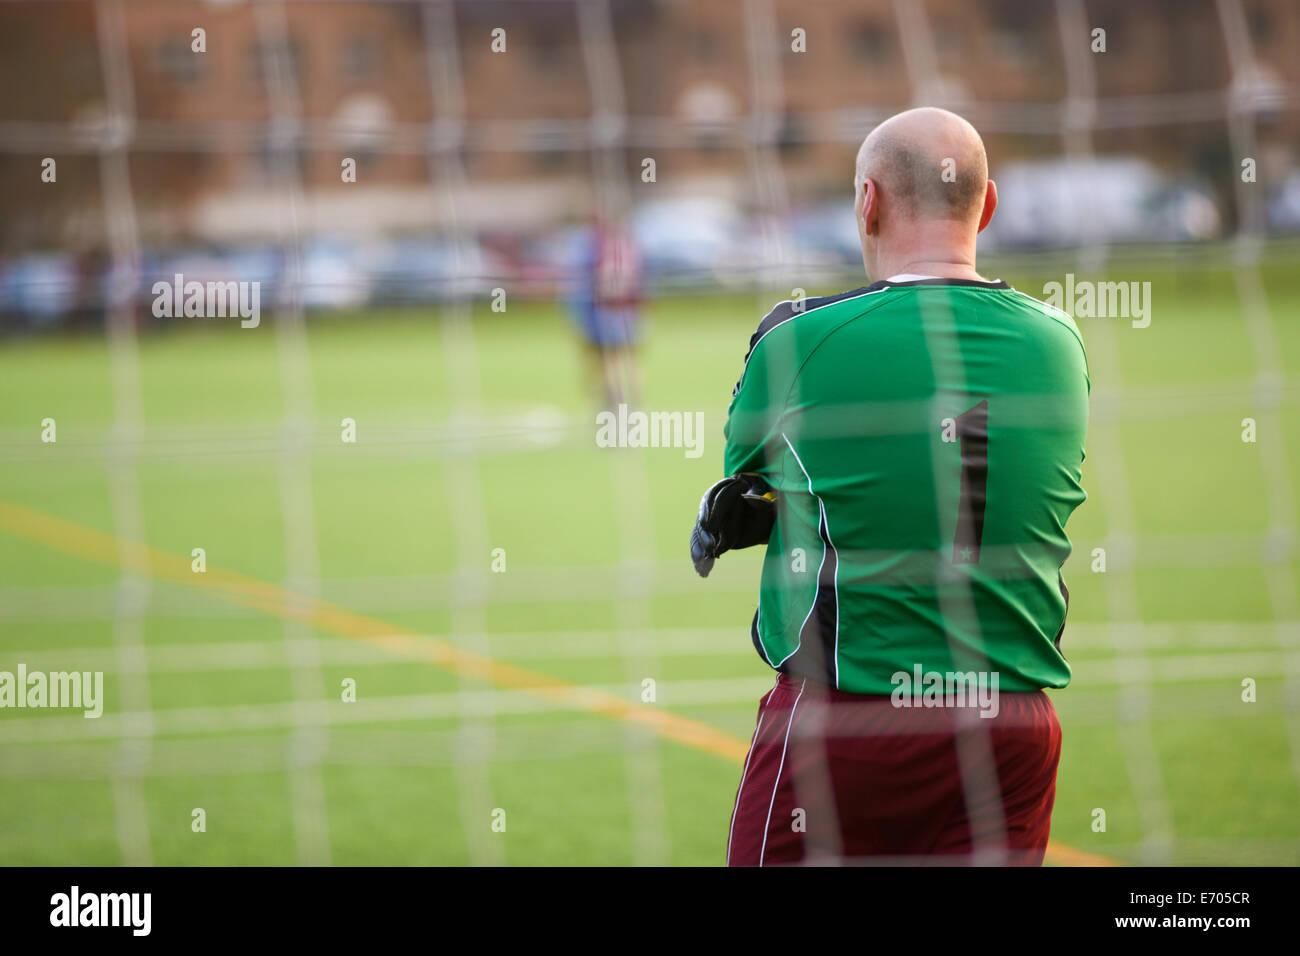 Specchietto di goalie al gioco del calcio Immagini Stock